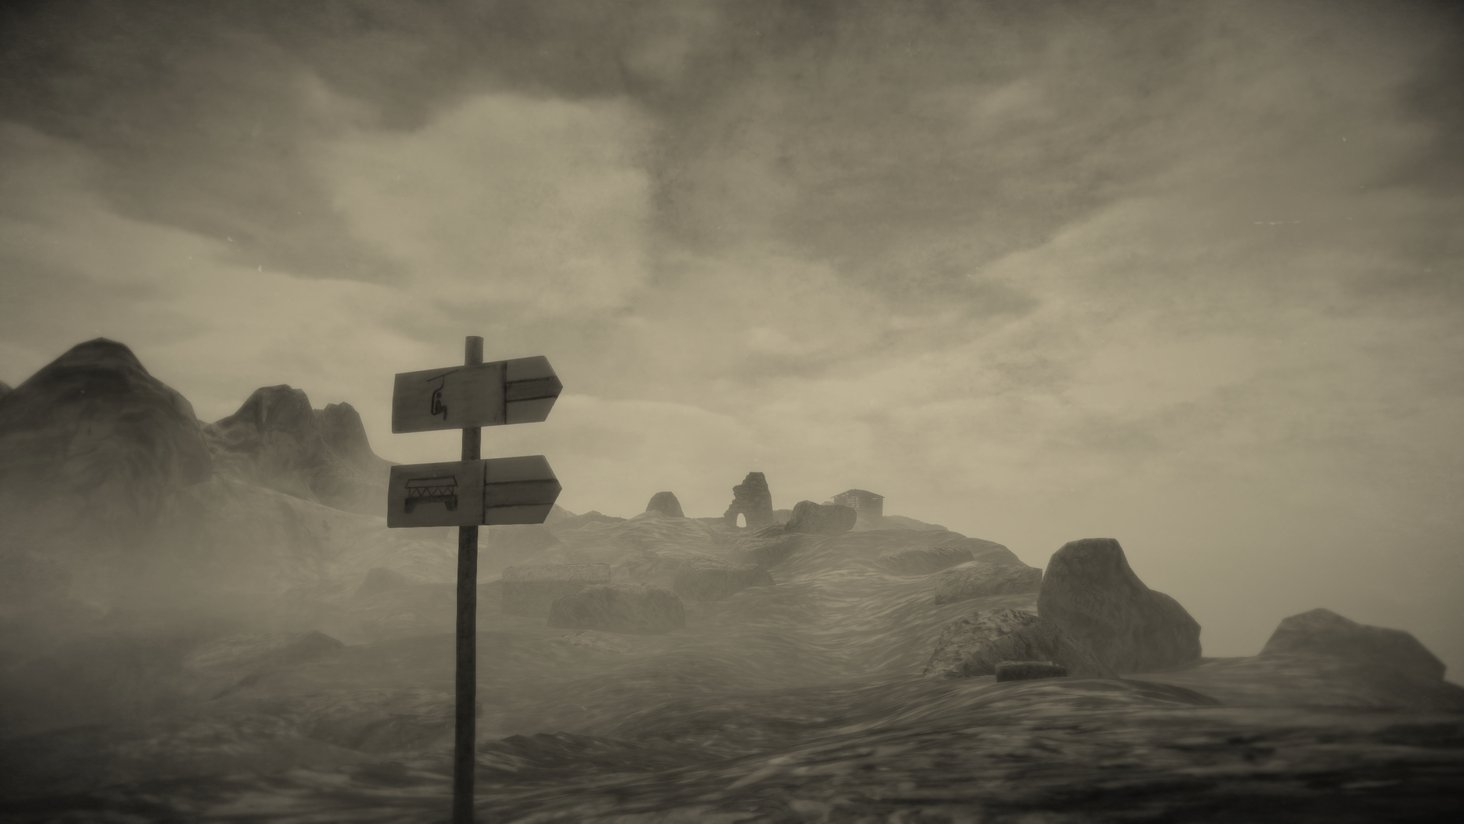 Ein Screenshot von Mundaun. Zu sehen sind Wanderwegweiser vor einem Nebelmeer